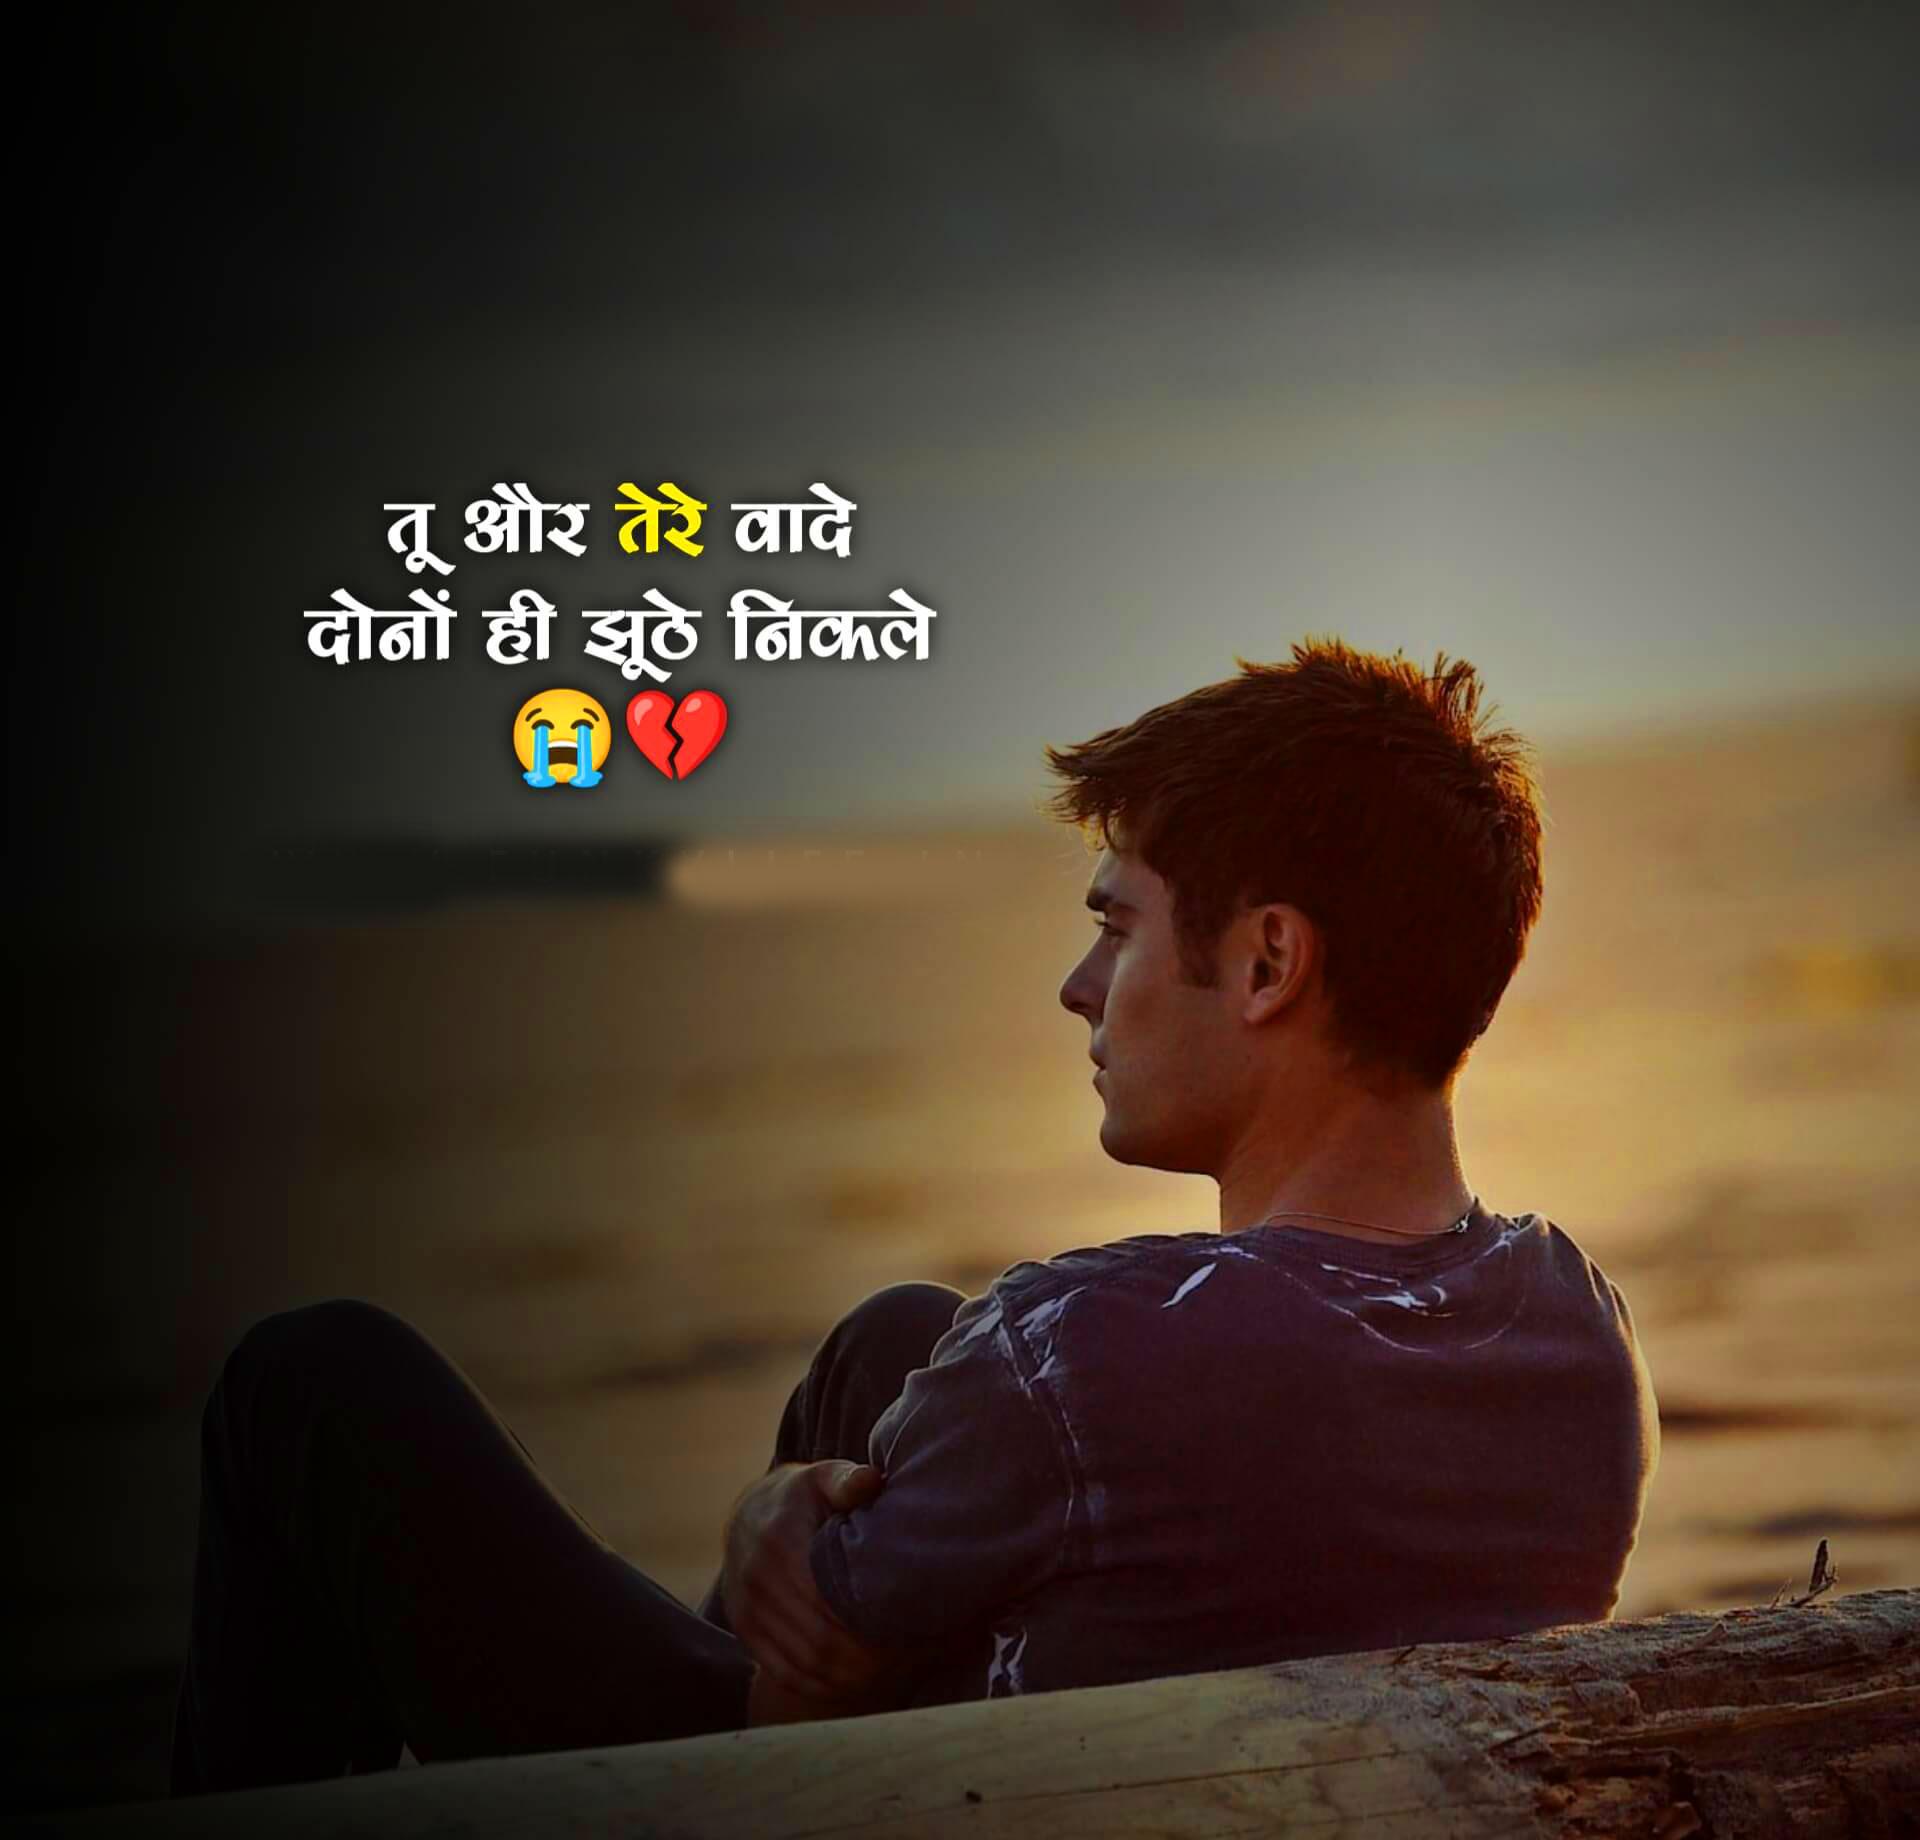 New Sad Boy Shayari Images wallpaper photo free hd